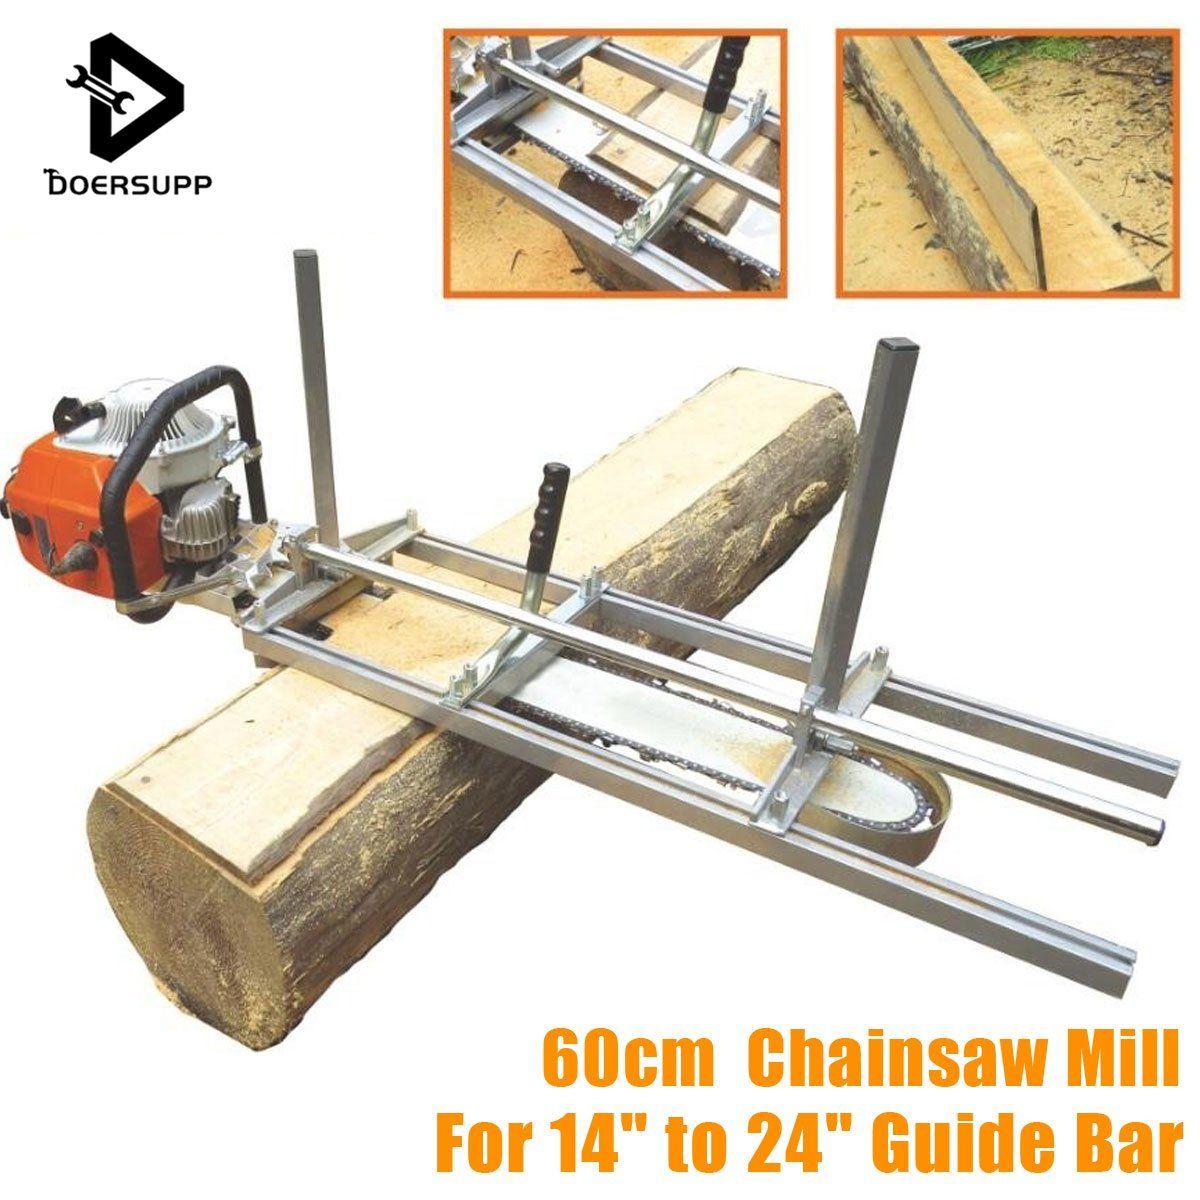 Doersupp 60 cm Tragbare Kettensäge Mühle Beplankung Fräsen Von 14 ''bis 24'' Führungsschiene Beplankung Holz Schneidwerkzeug